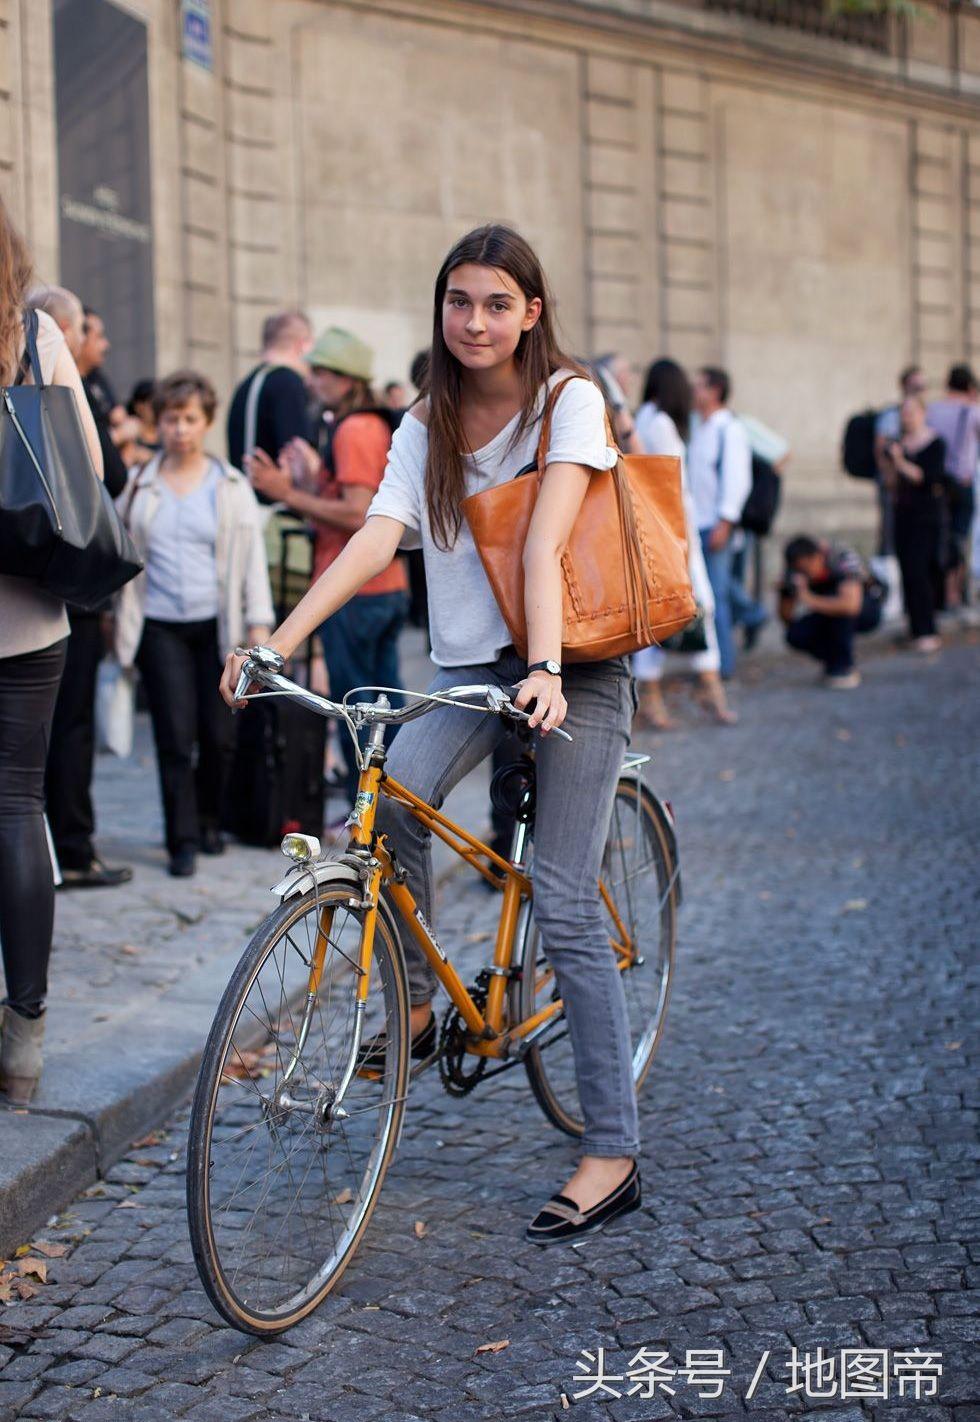 大热天实拍瑞典街头美女,身高腿长很时尚